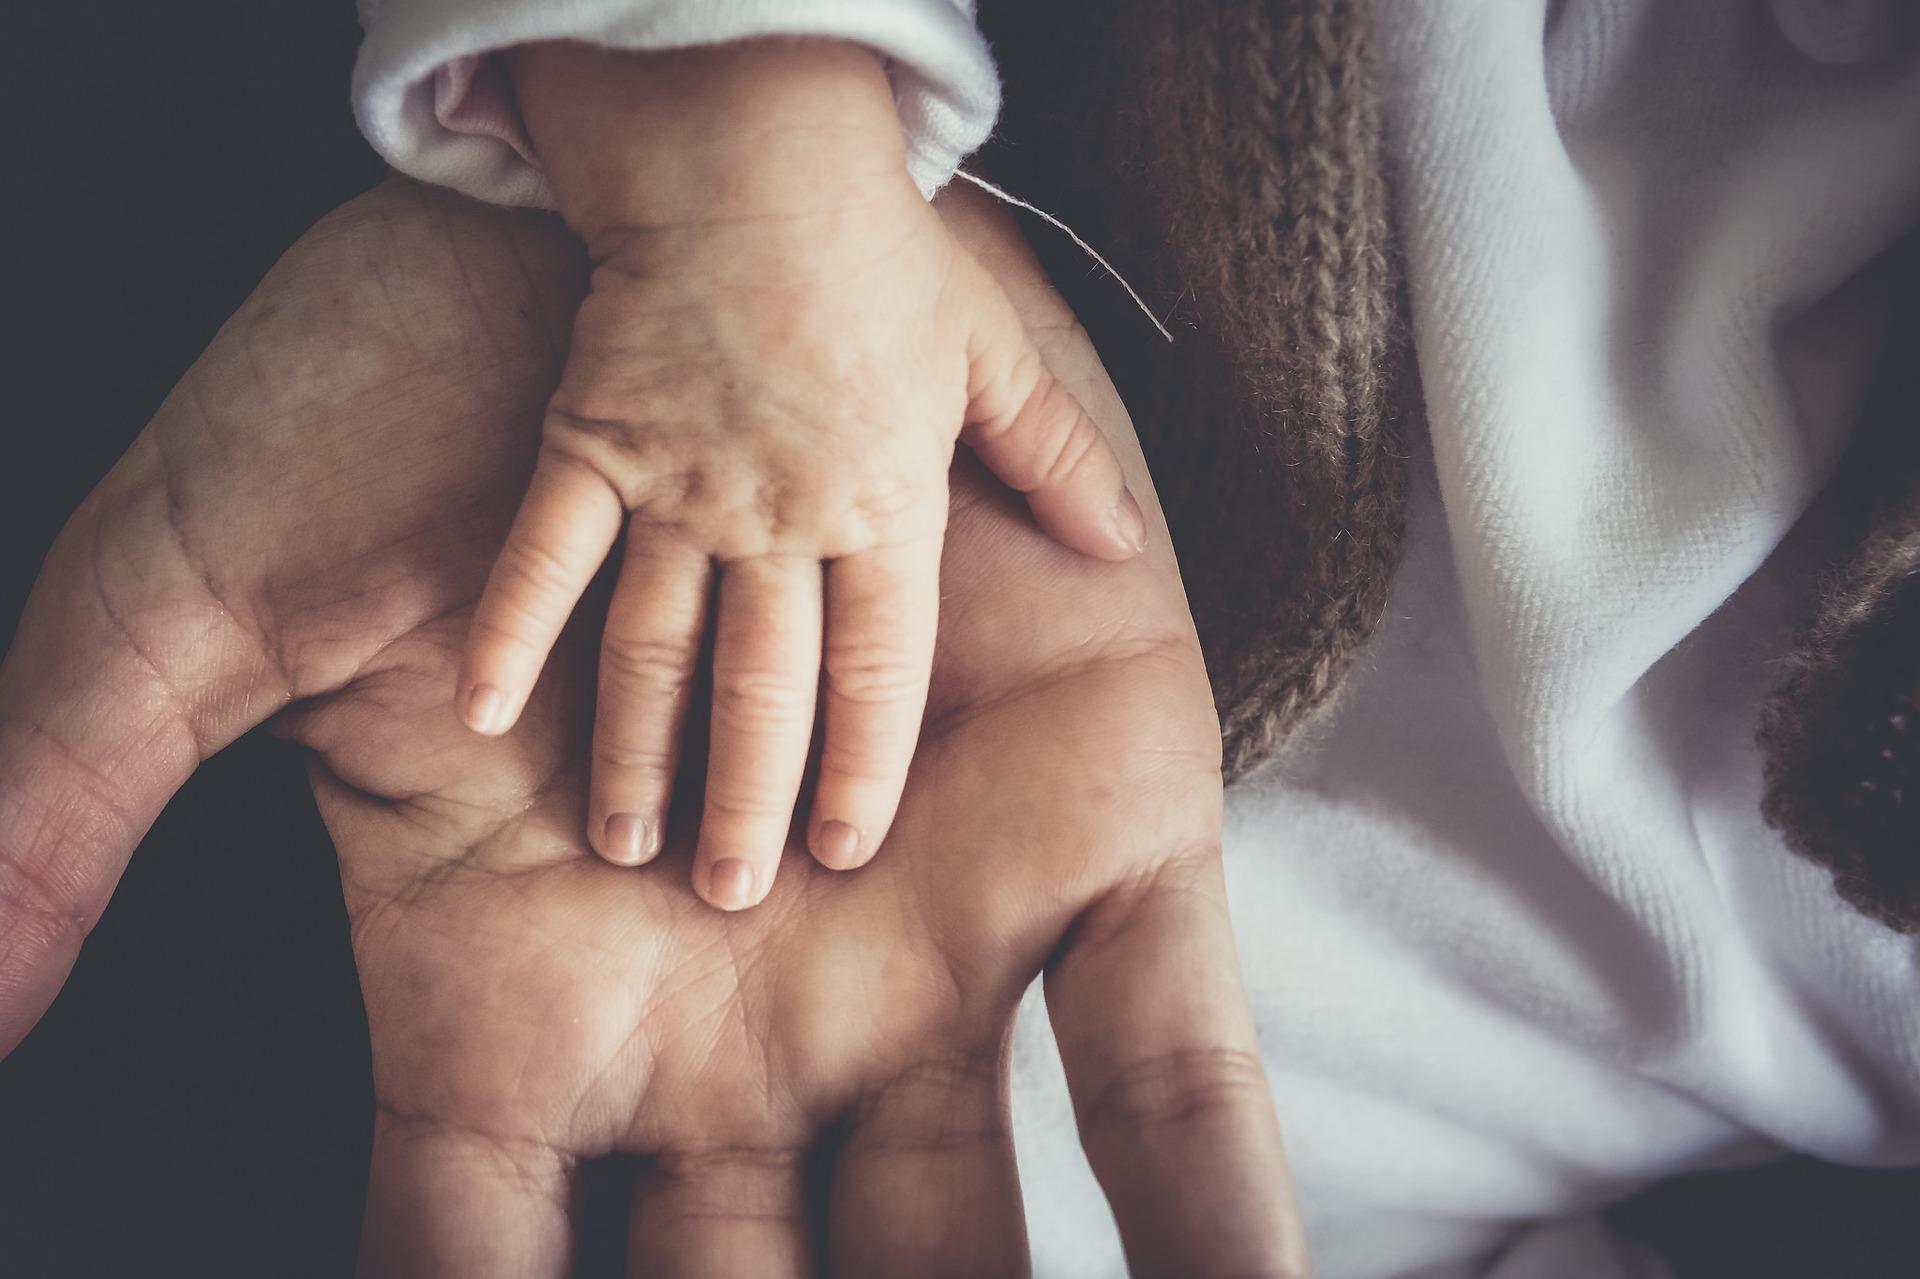 El padre no puede renunciar a la patria potestad sobre su hija como excusa para eludir el cumplimiento de sus obligaciones